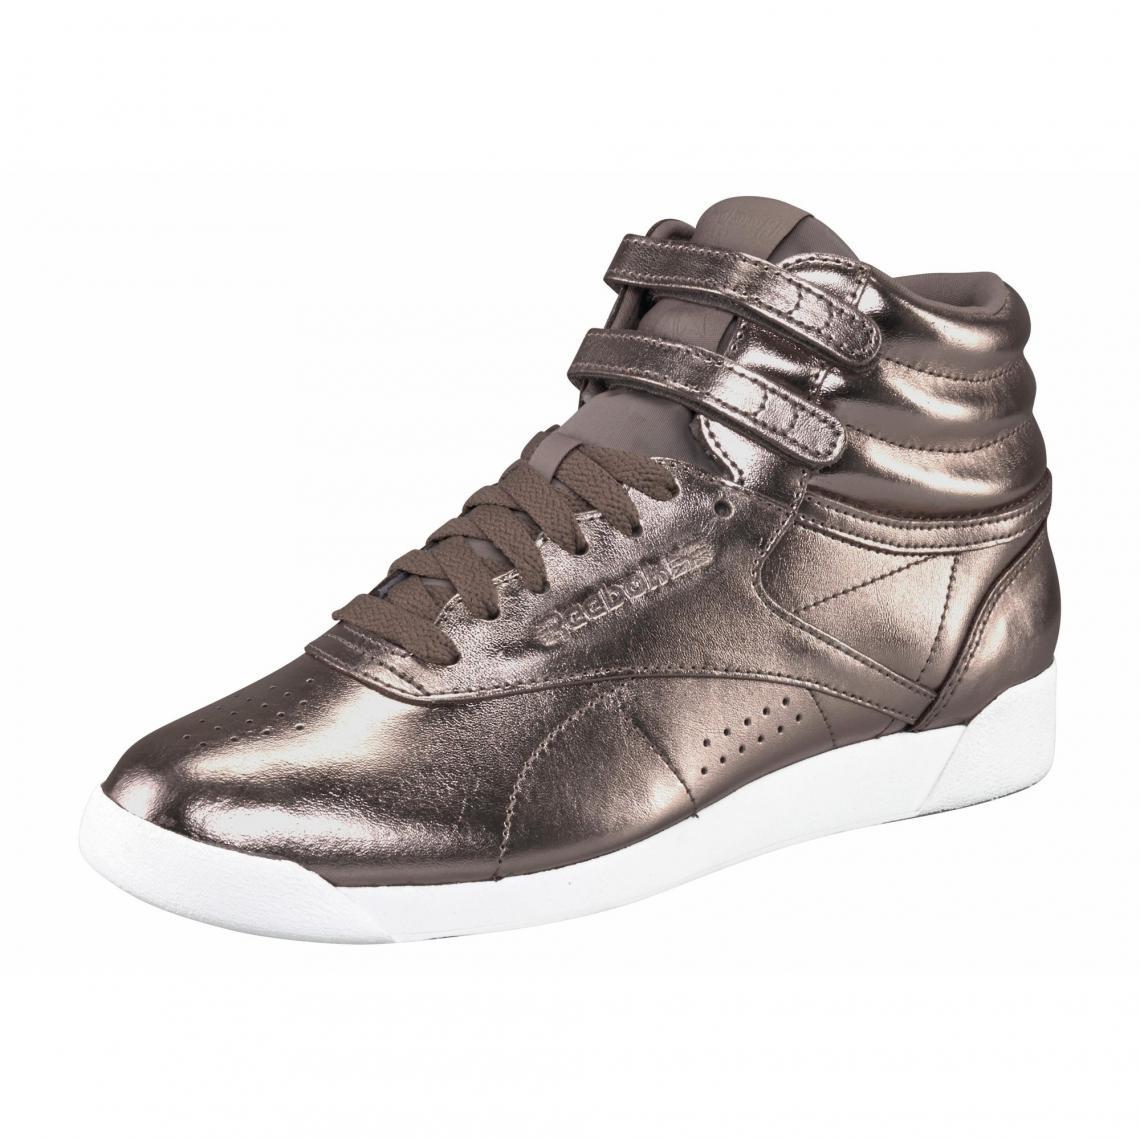 0519a444ce6e1 Reebok Freestyle Hi Metallic chaussures de running femme - Or Rosé Reebok  Femme